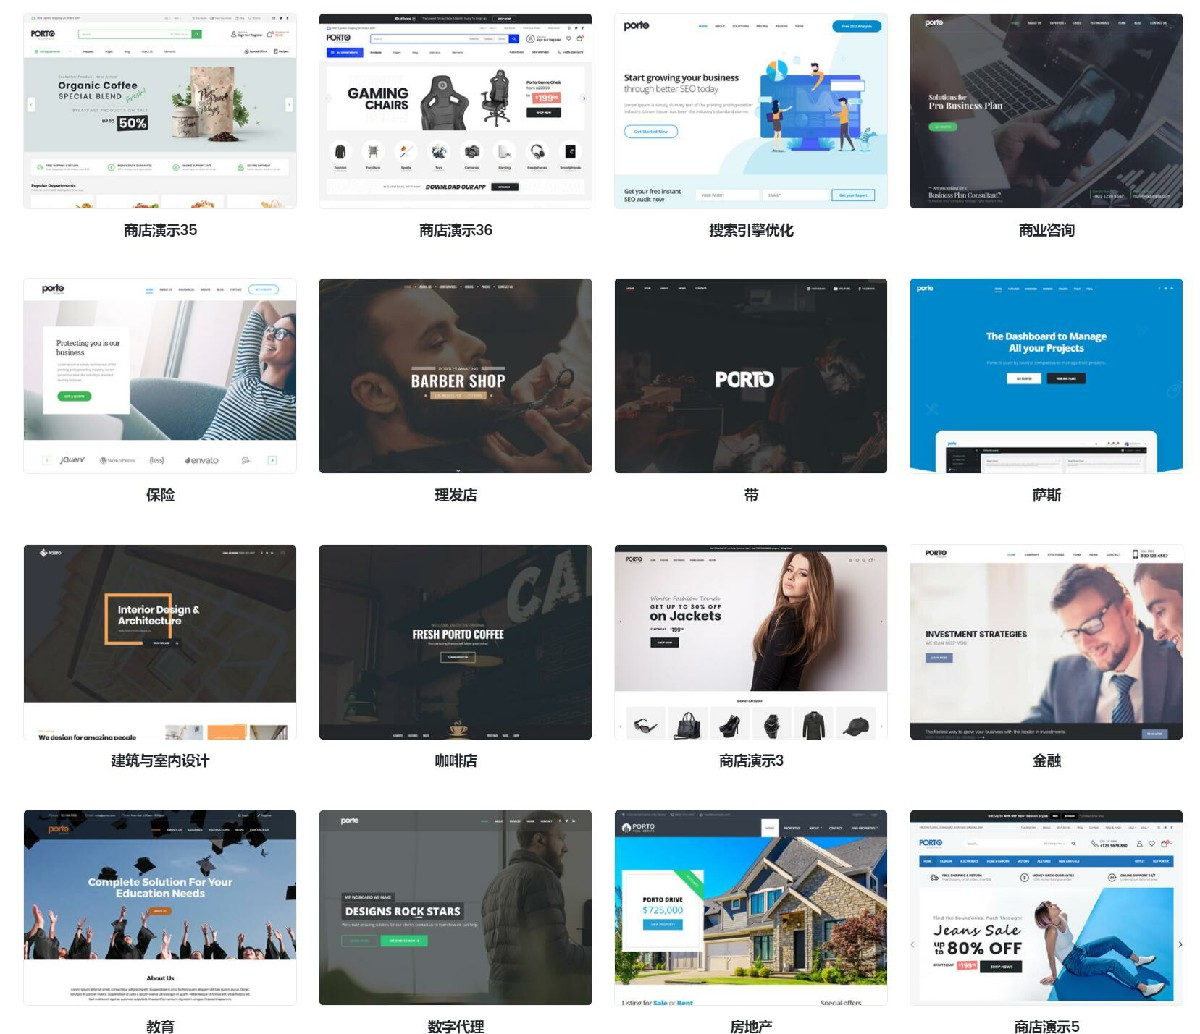 跨境电商网站模板 外贸商城企业网站wordpress主题 Porto V5.5.1中文汉化升级版插图3